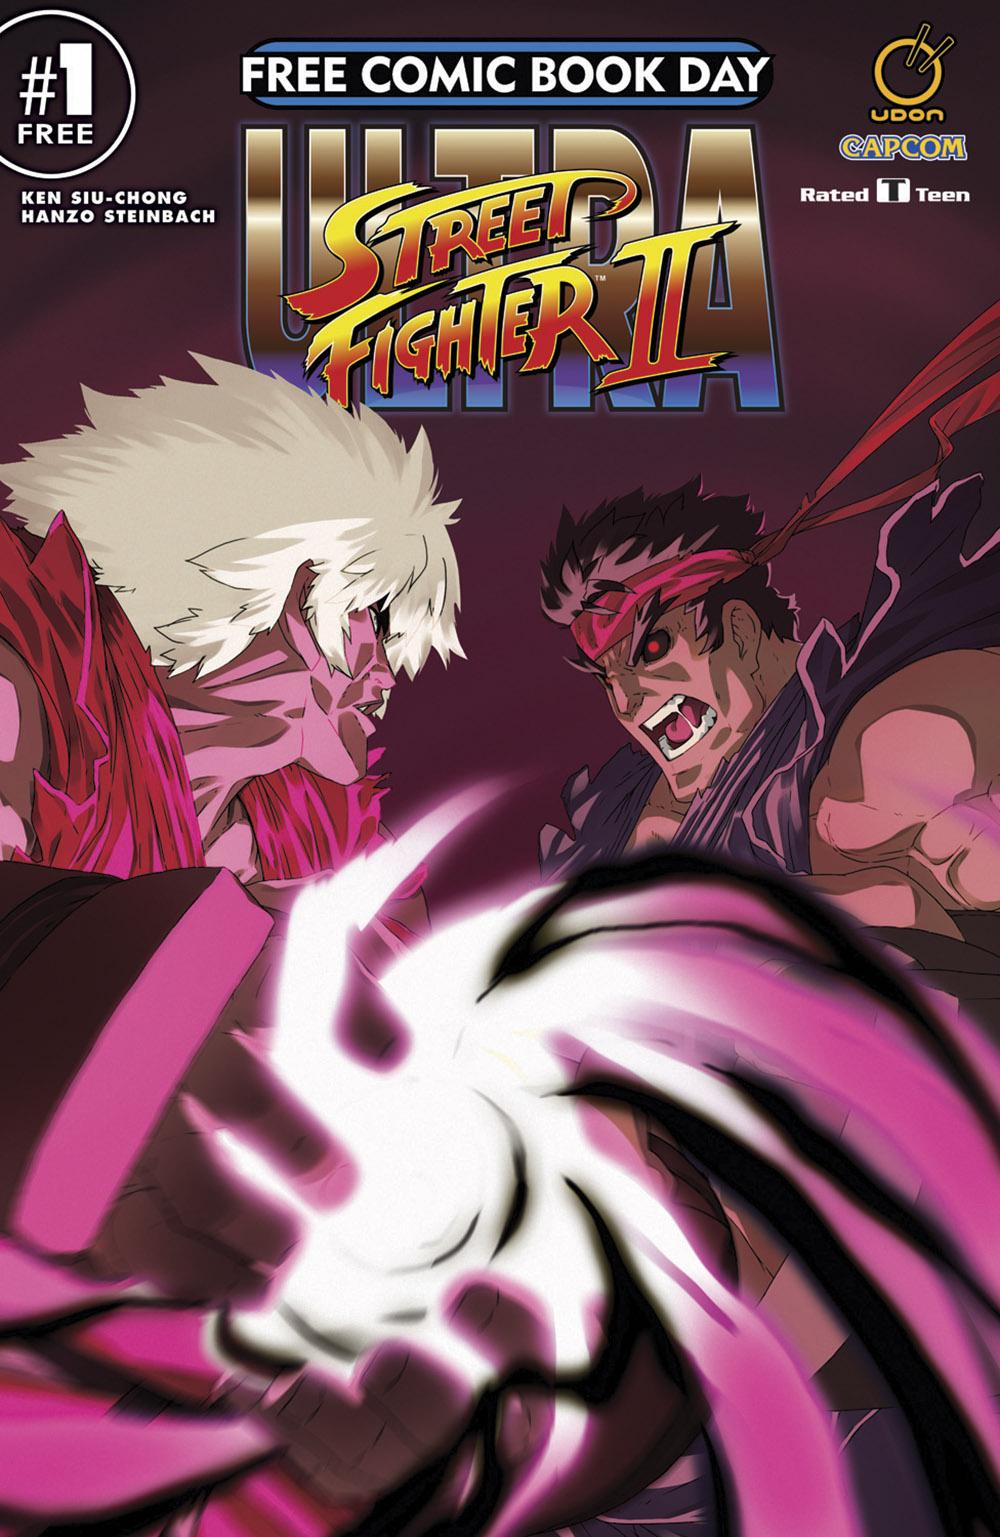 FCBD18_S_Udon_Ultra Street Fighter 1.jpg